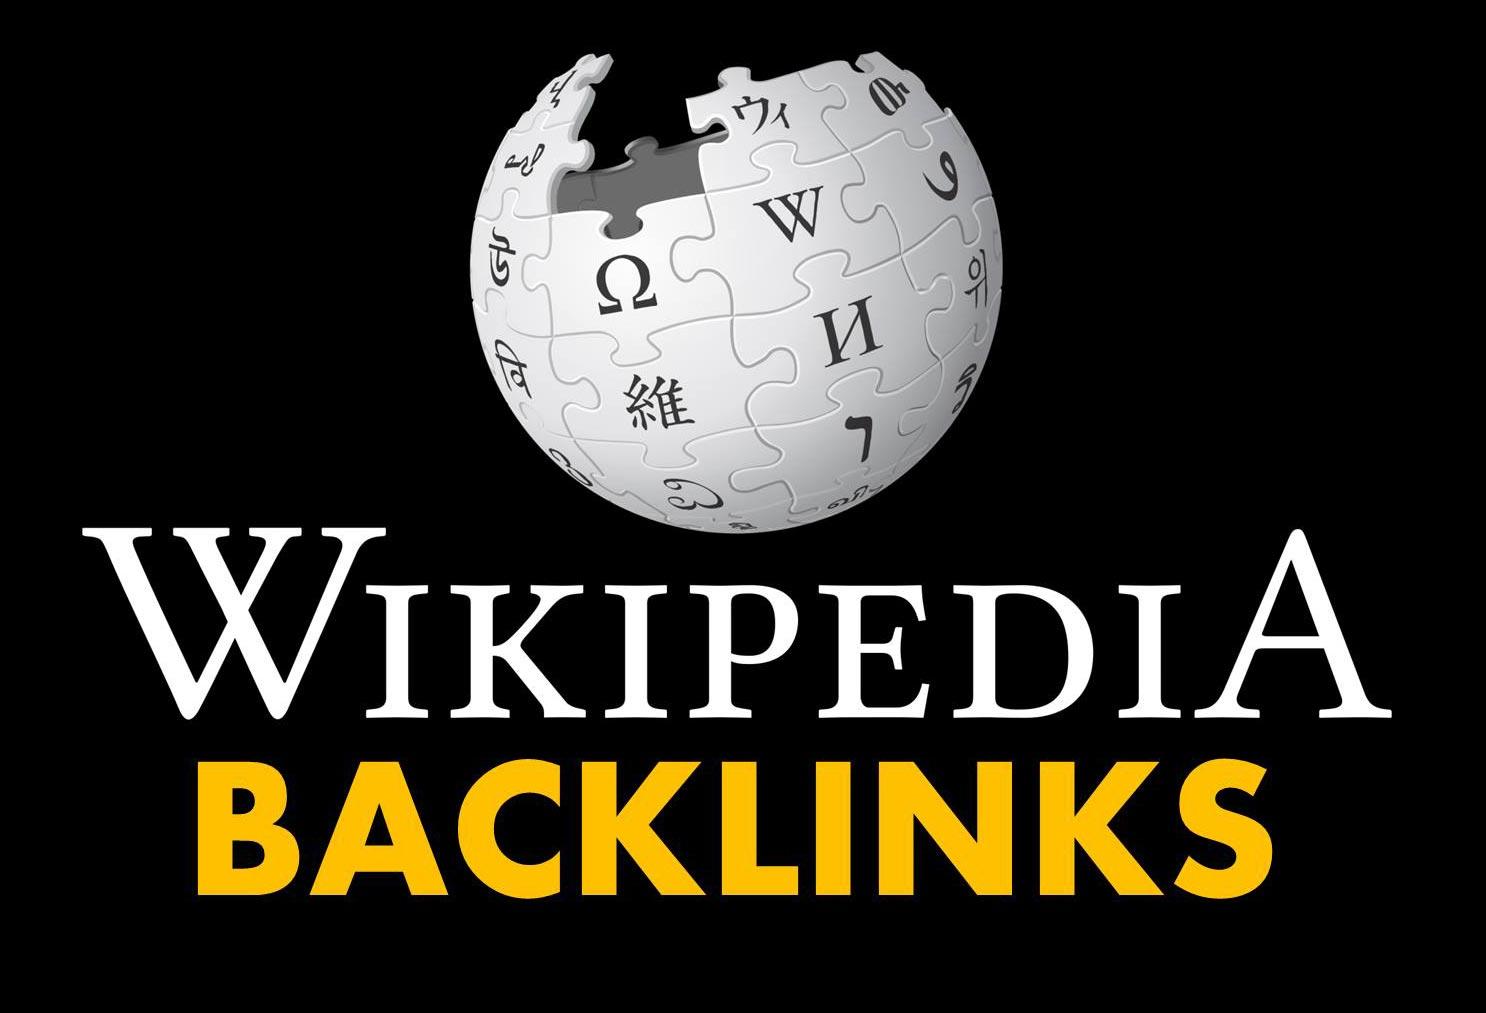 backlink da wikipedia